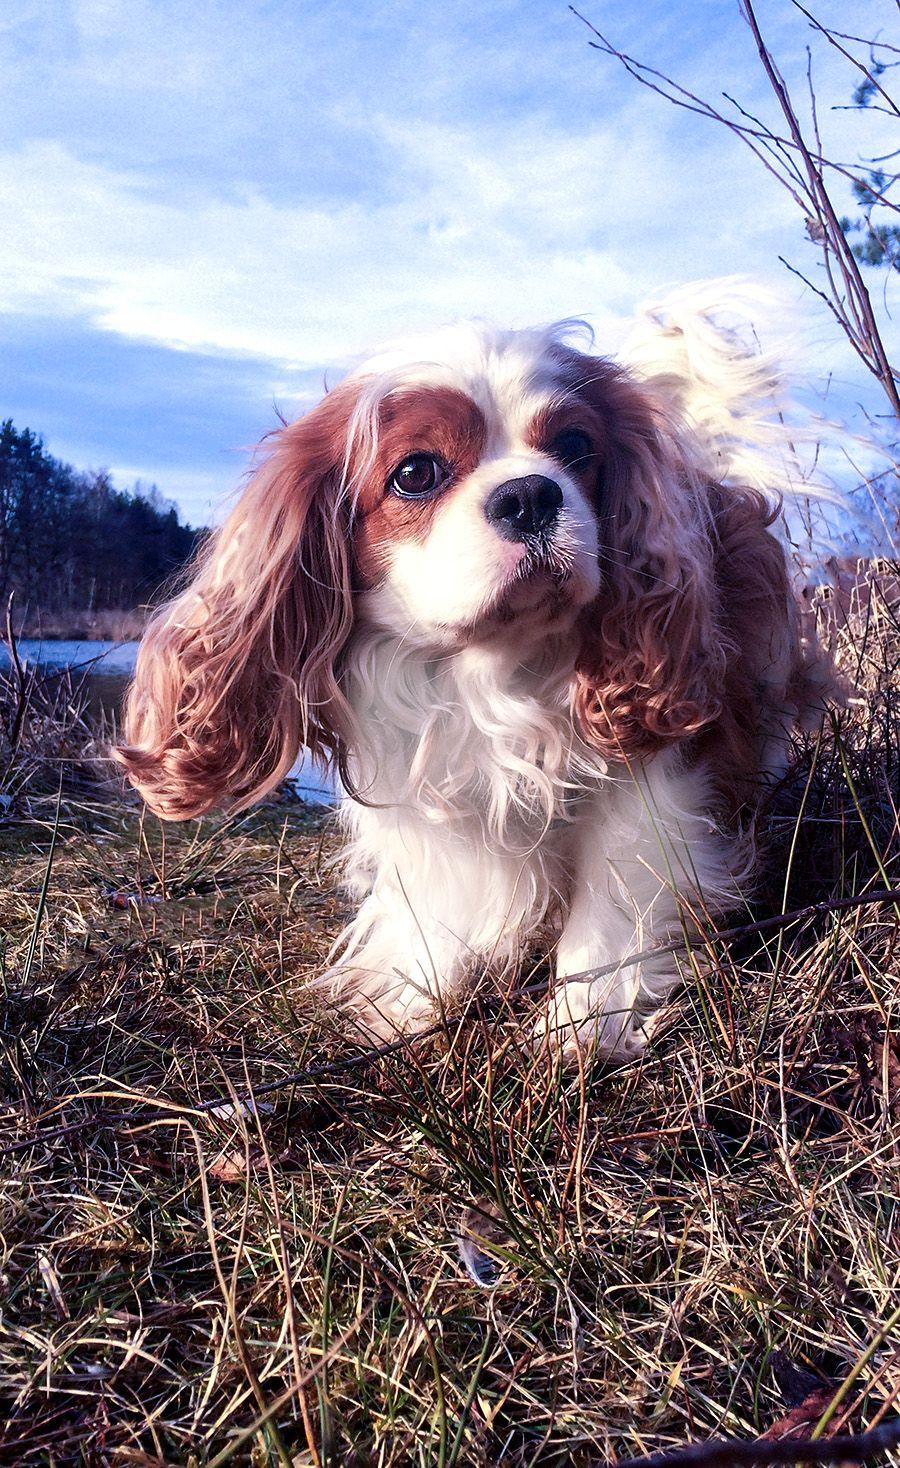 Cavalier King Charles Spaniel Hunde Ratgeber In 2020 Spaniel Hund Spaniel Cavalier King Charles Spaniel